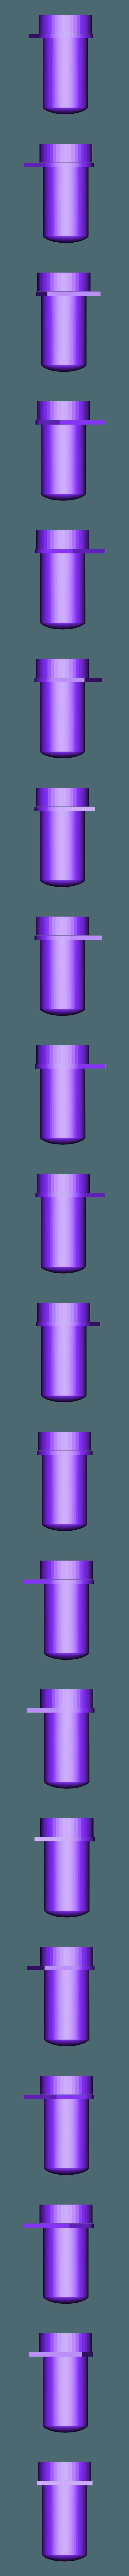 manche.stl Télécharger fichier STL gratuit Dark Vador géant Porte-légo en papier toilette • Design à imprimer en 3D, laurentpruvot59